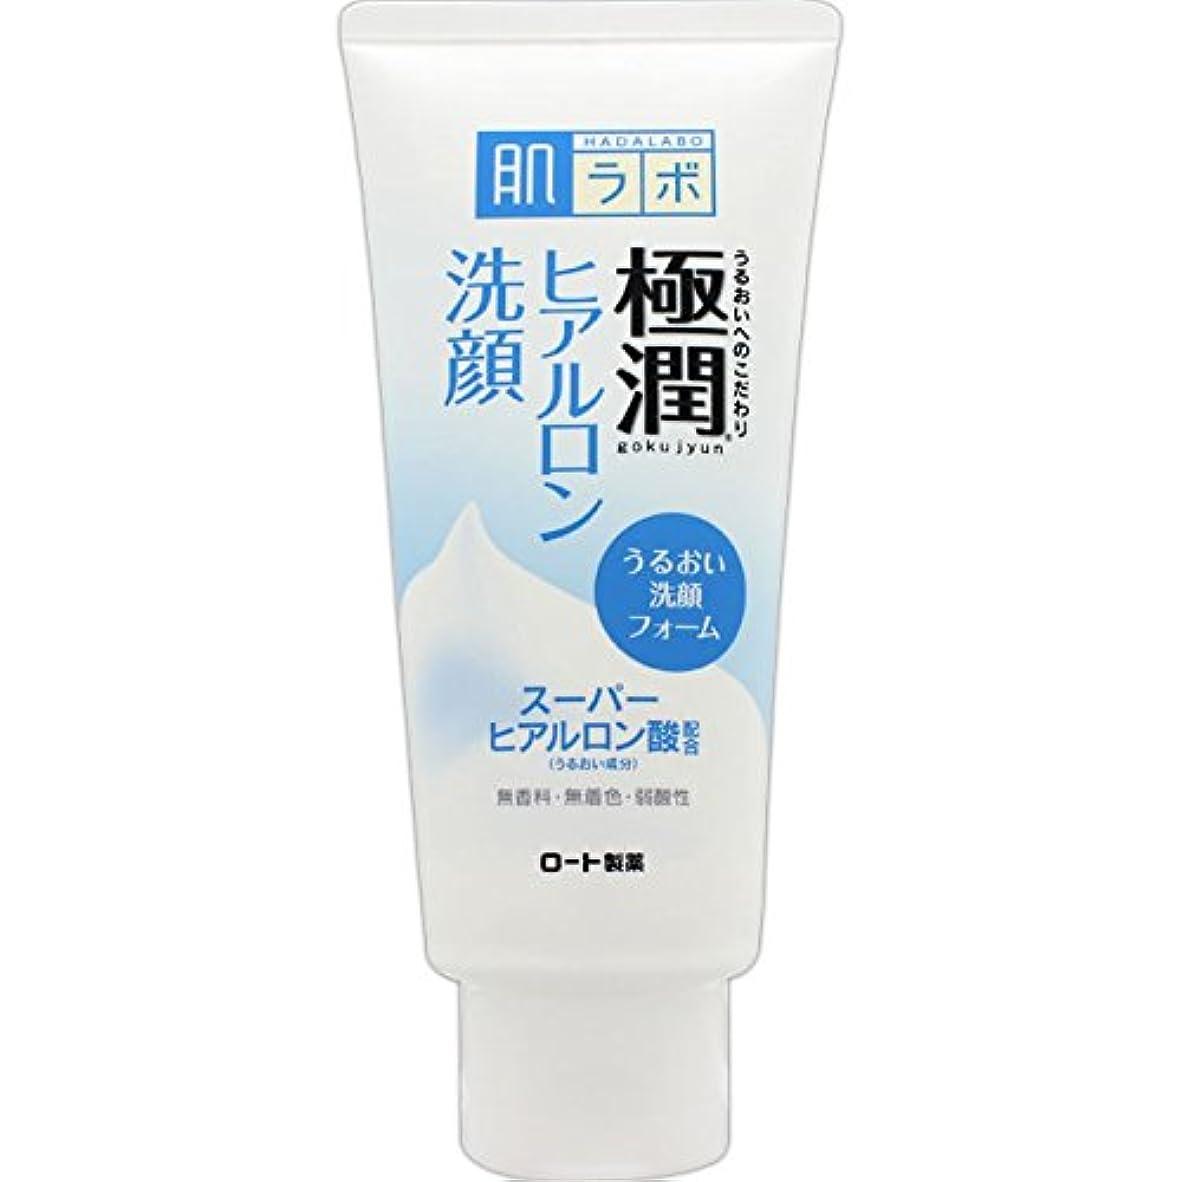 無効にするできれば存在肌ラボ 極潤 ヒアルロン洗顔フォーム スーパーヒアルロン酸&吸着型ヒアルロン酸をW配合 100g